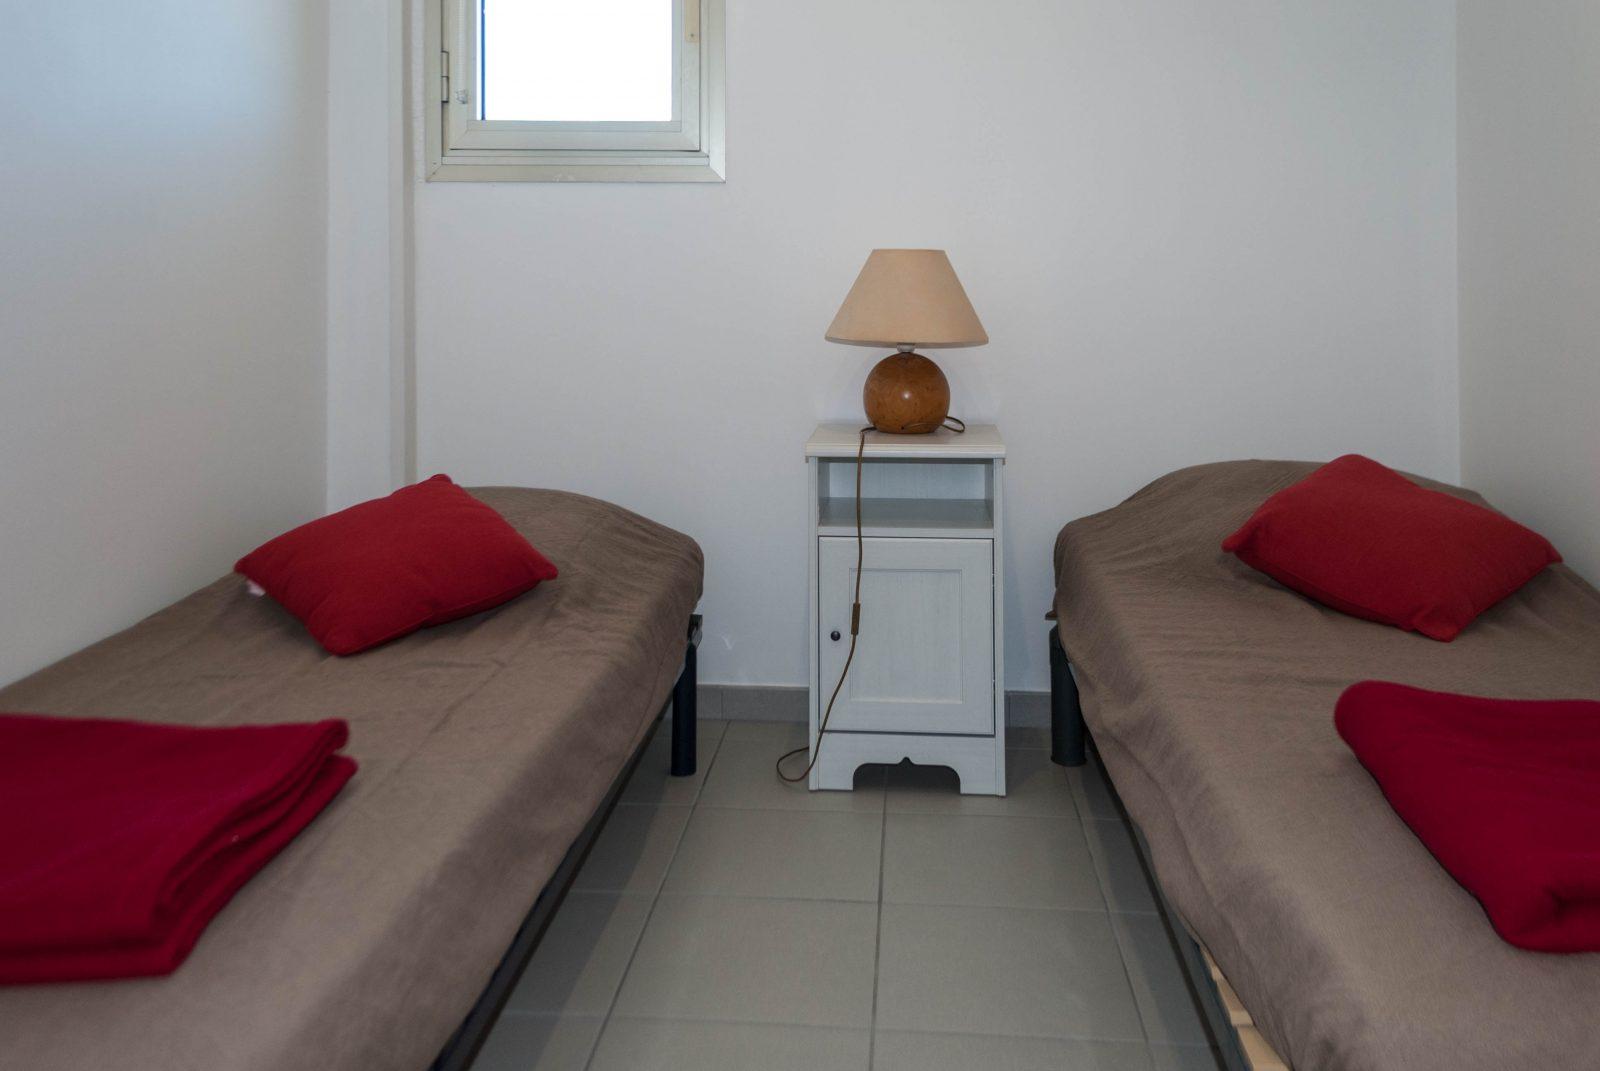 location limonier florence lavandou (3)